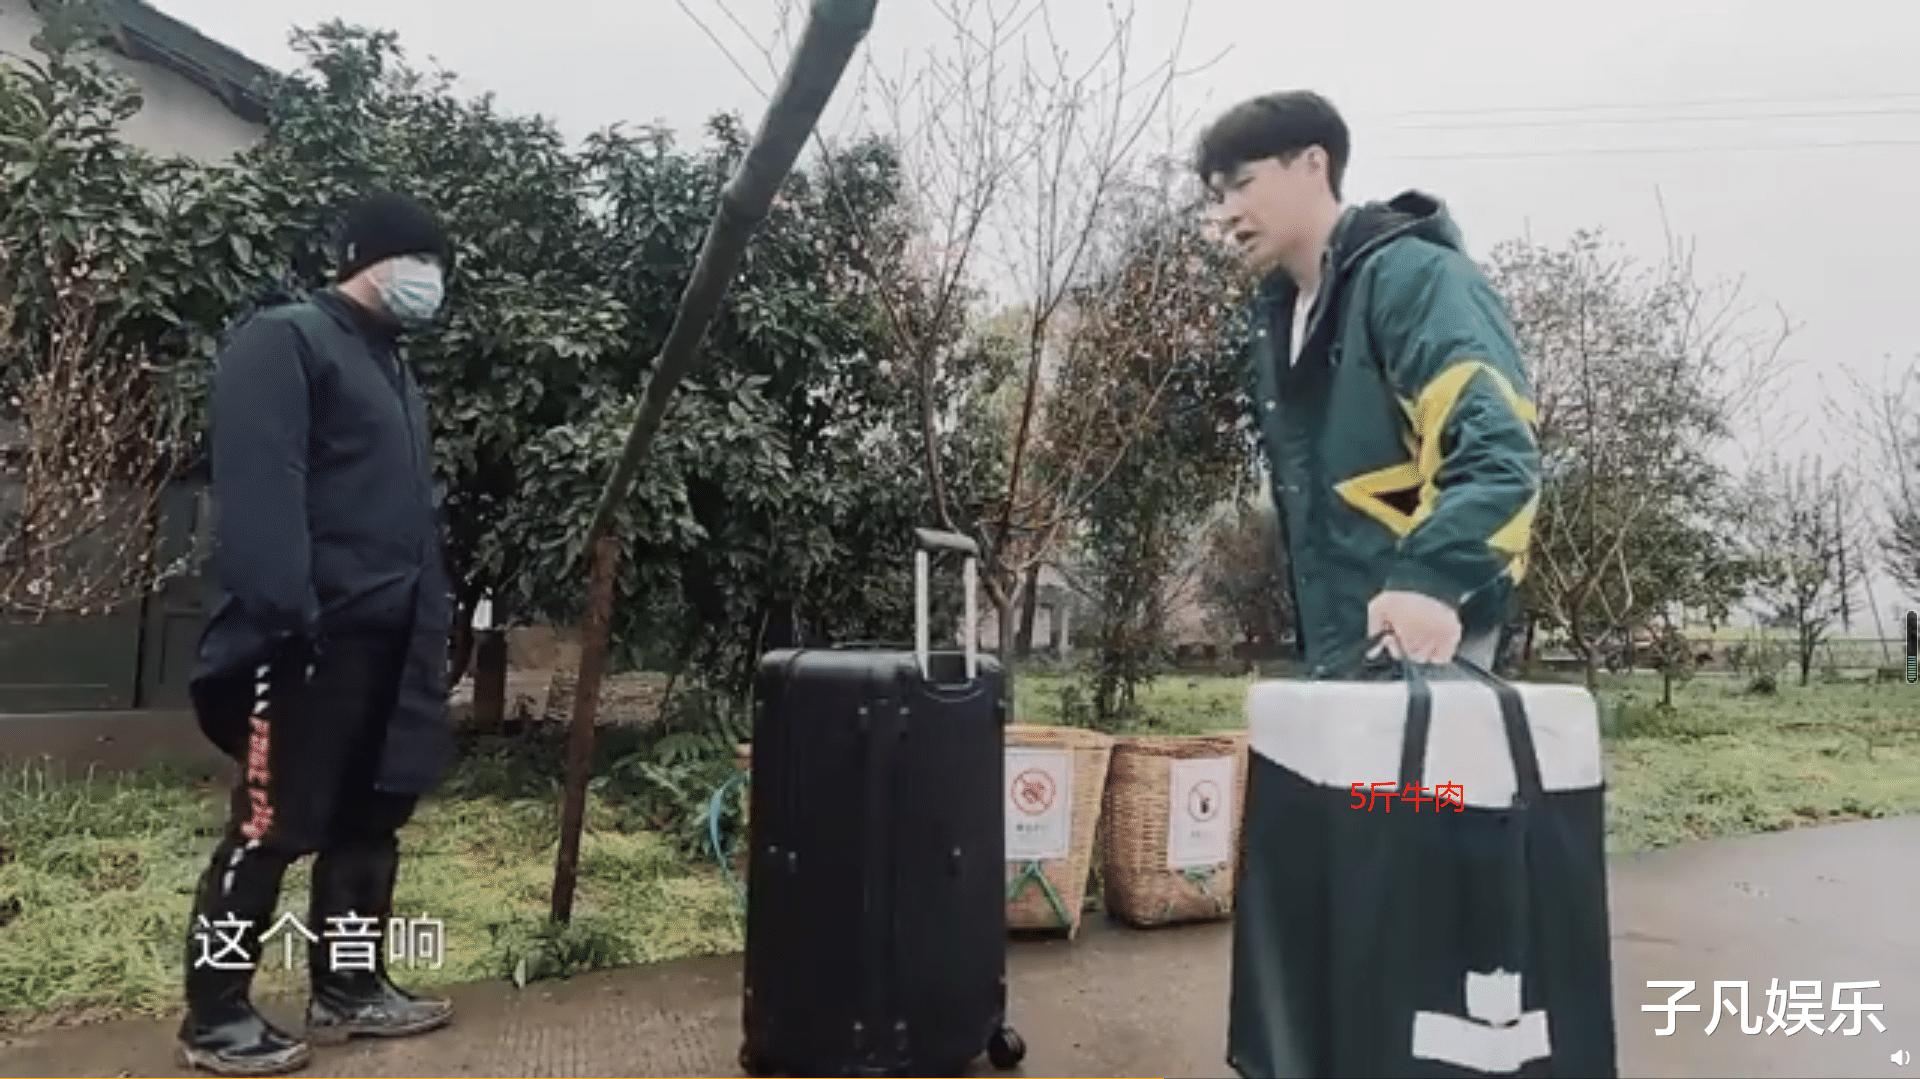 《向往的生活》开播,张艺兴套路导演组,带五斤牛肉蒙混过关